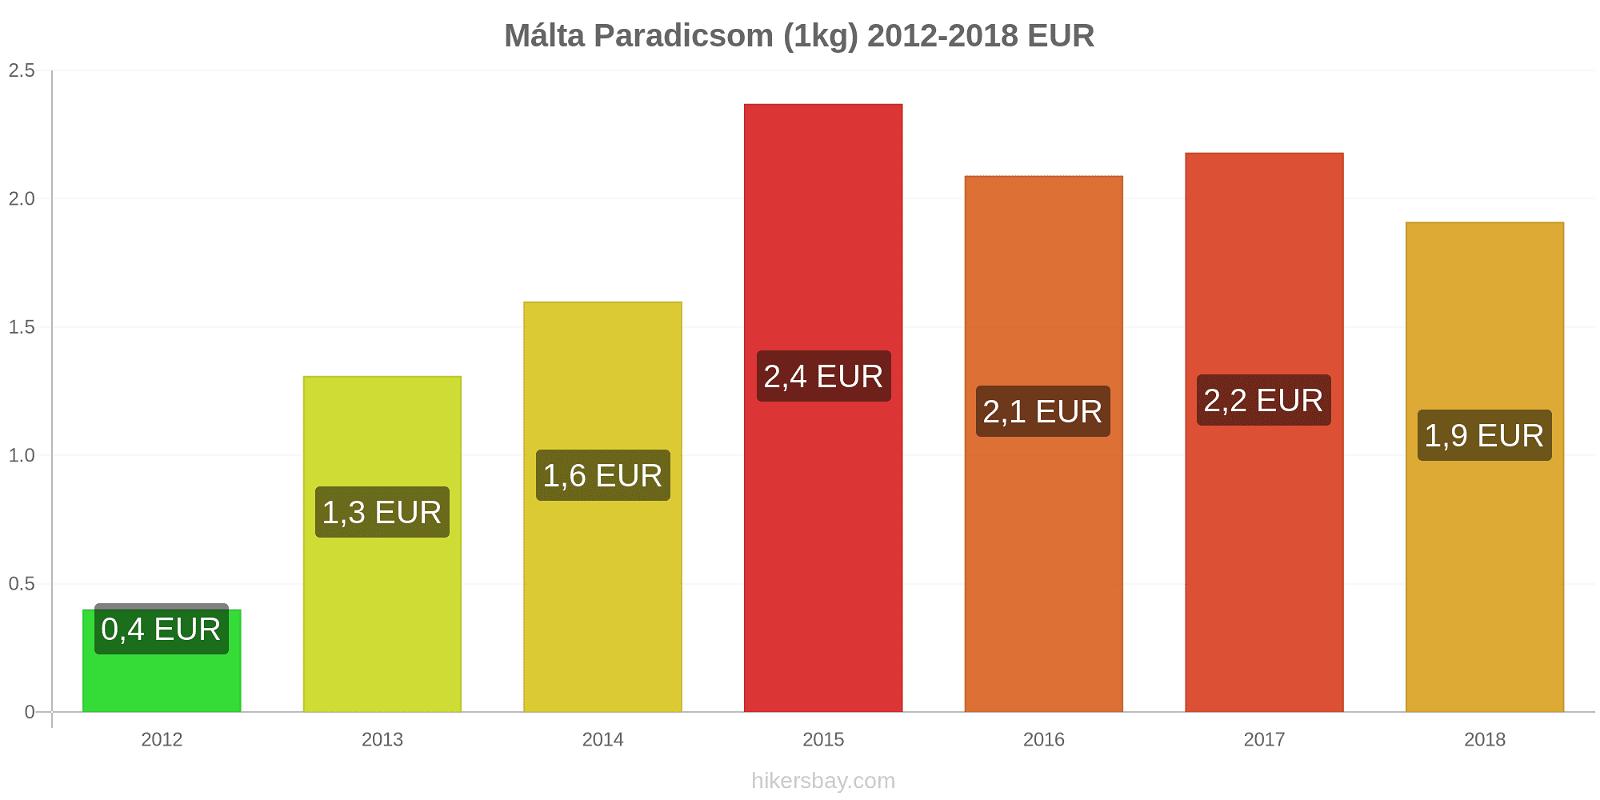 Málta árváltozások Paradicsom (1kg) hikersbay.com